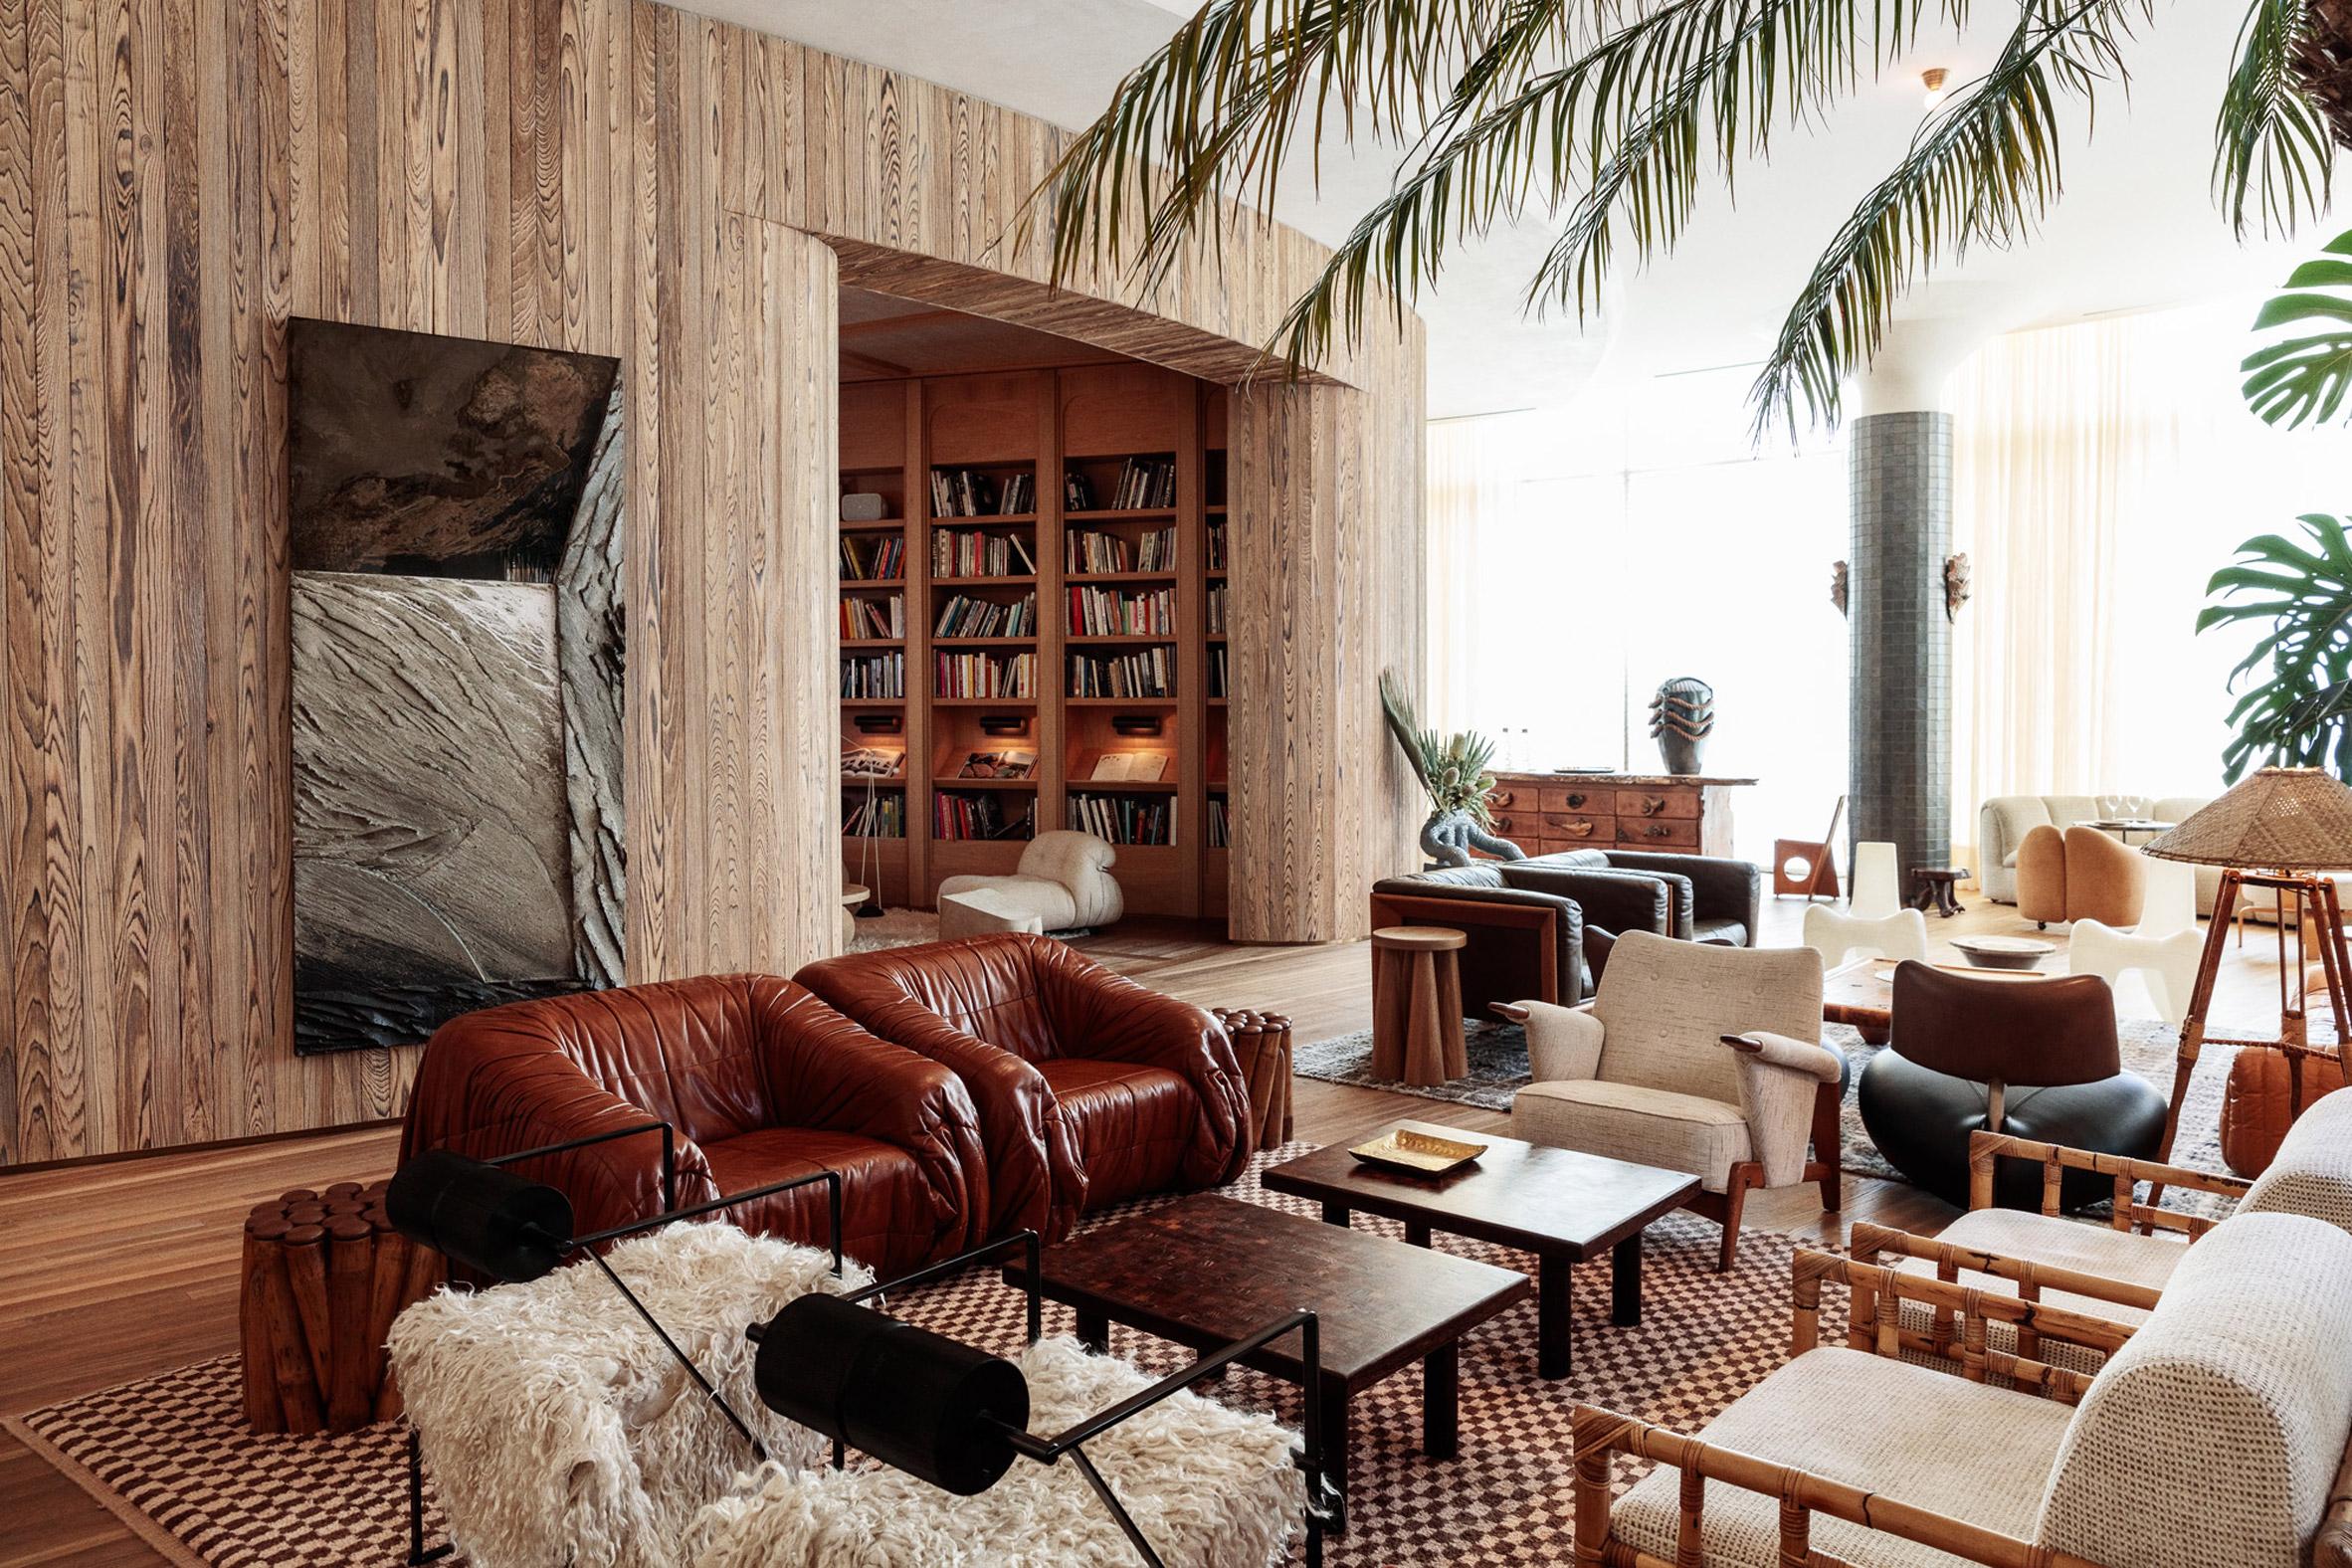 Santa Monica Proper Hotel by Kelly Wearstler